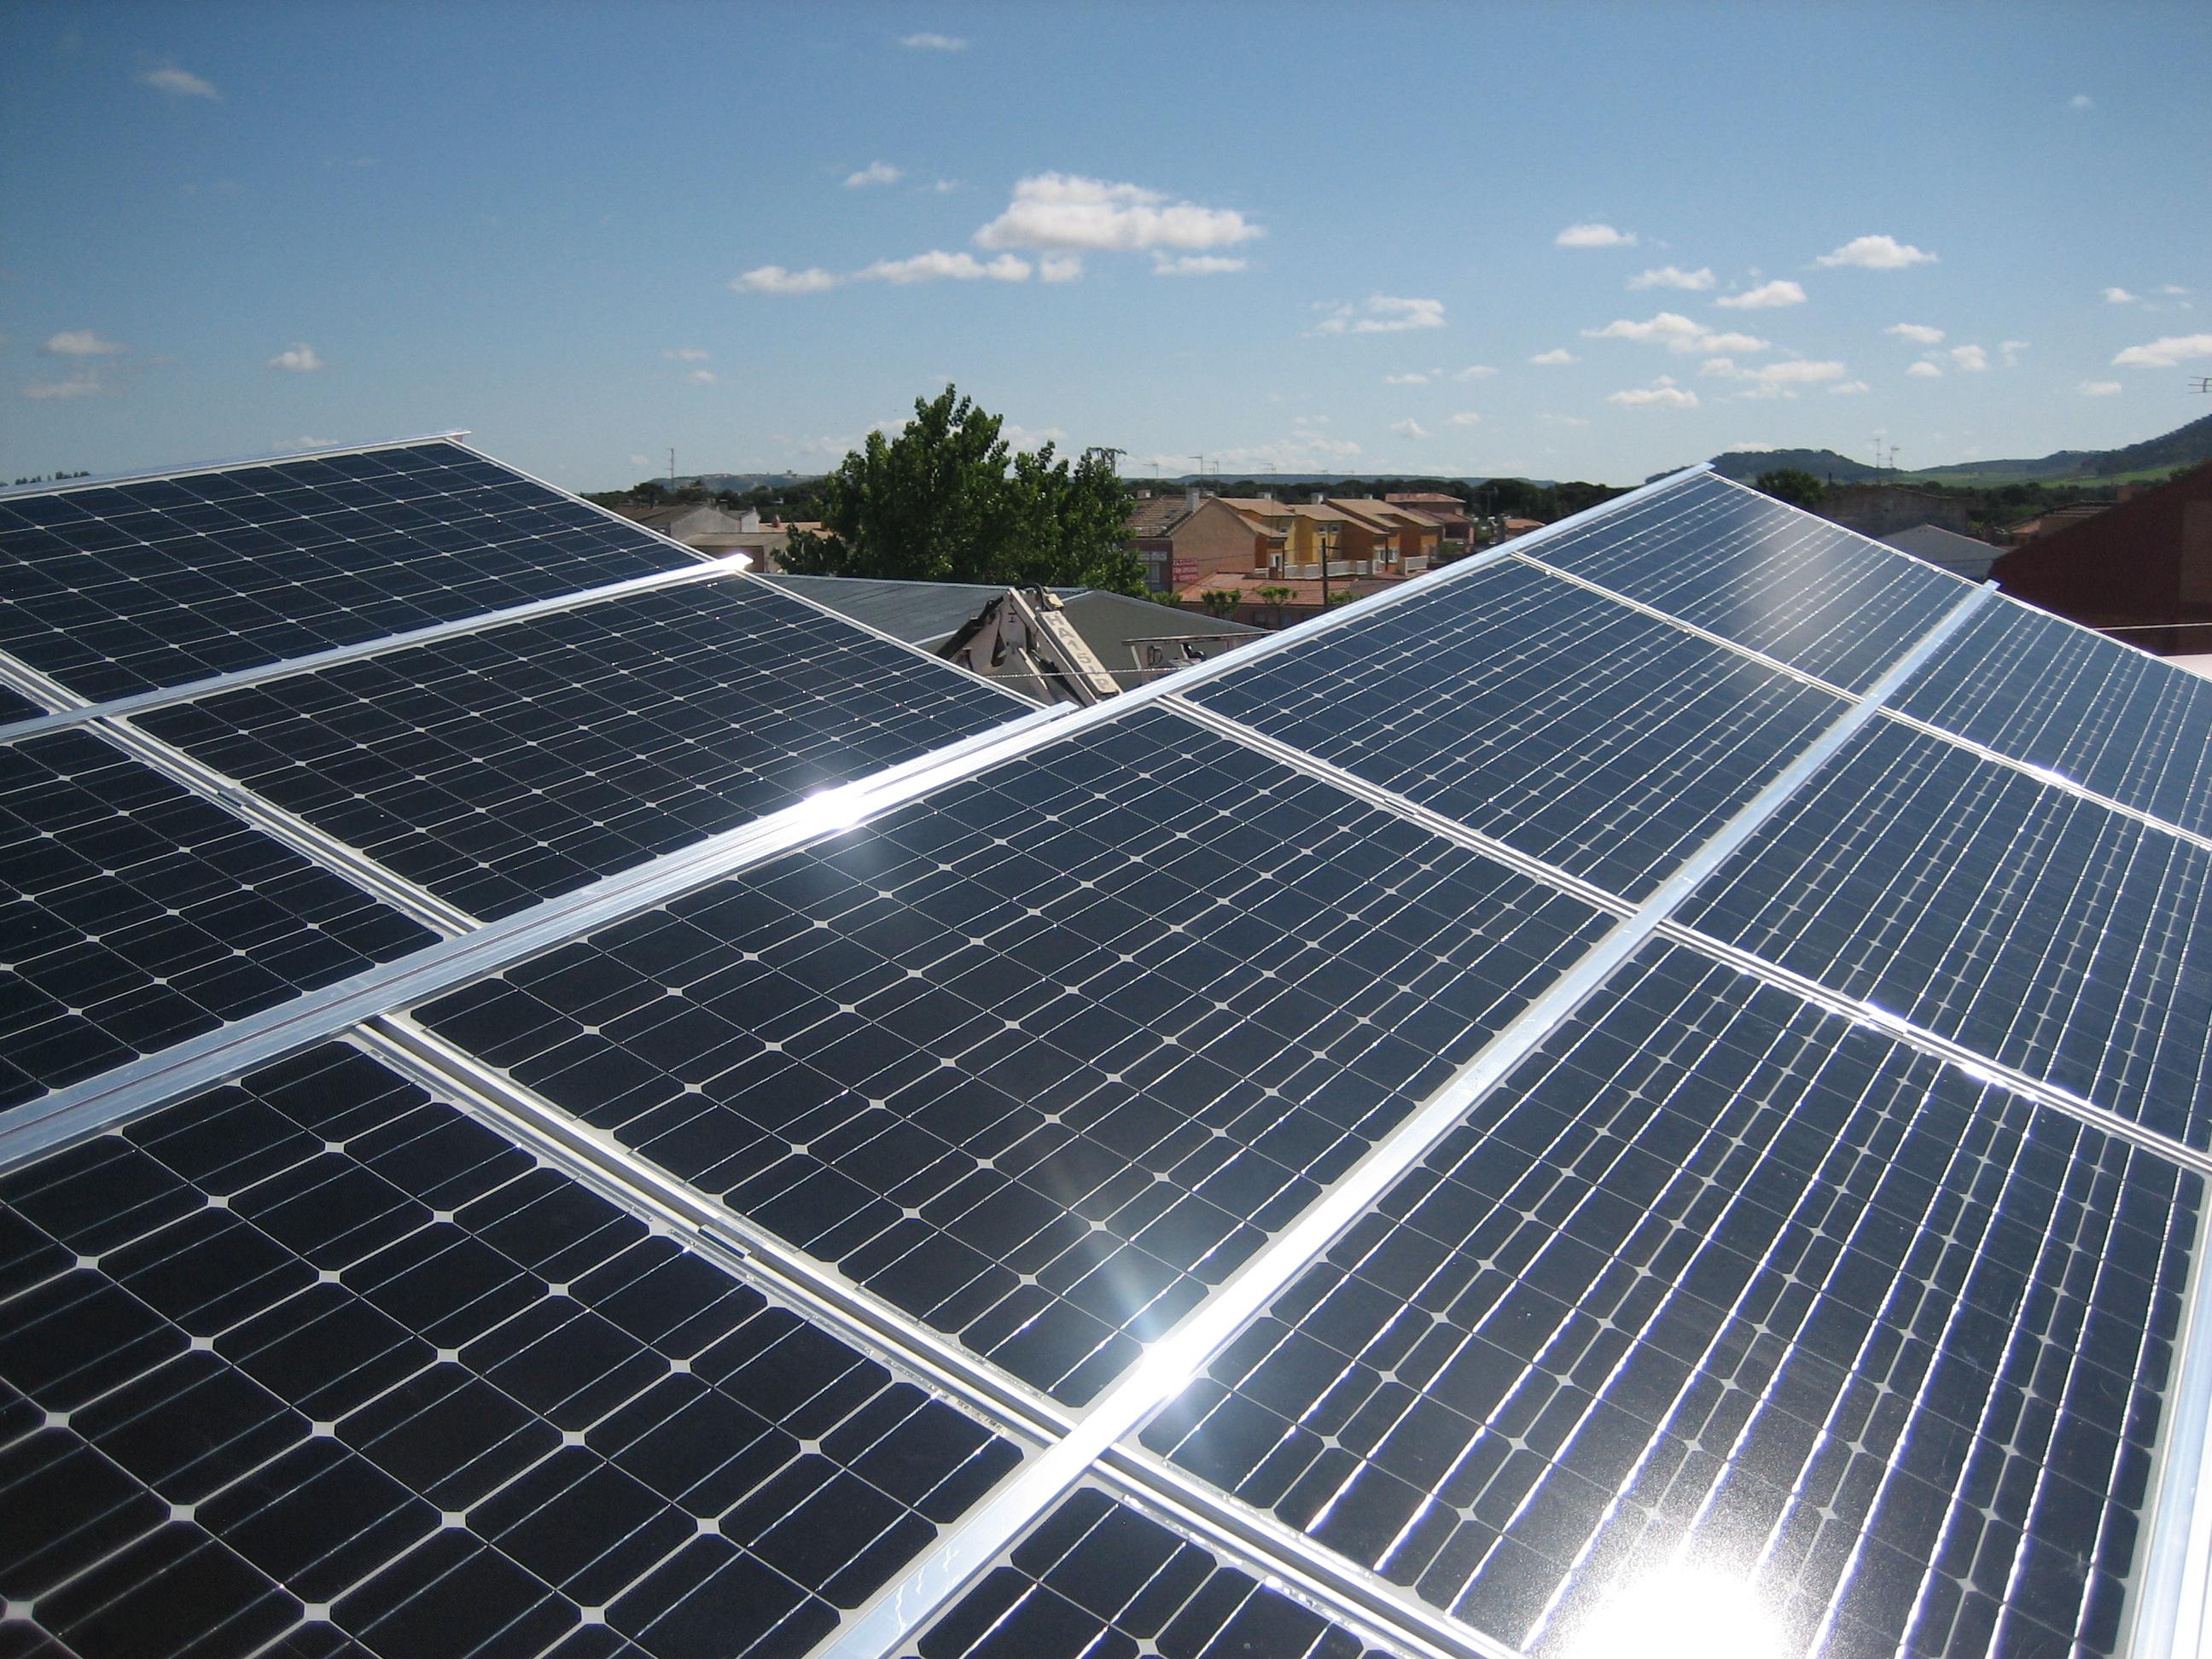 Anpier explica en la UE la problemática que está afectando a miles de productores fotovoltaicos españoles